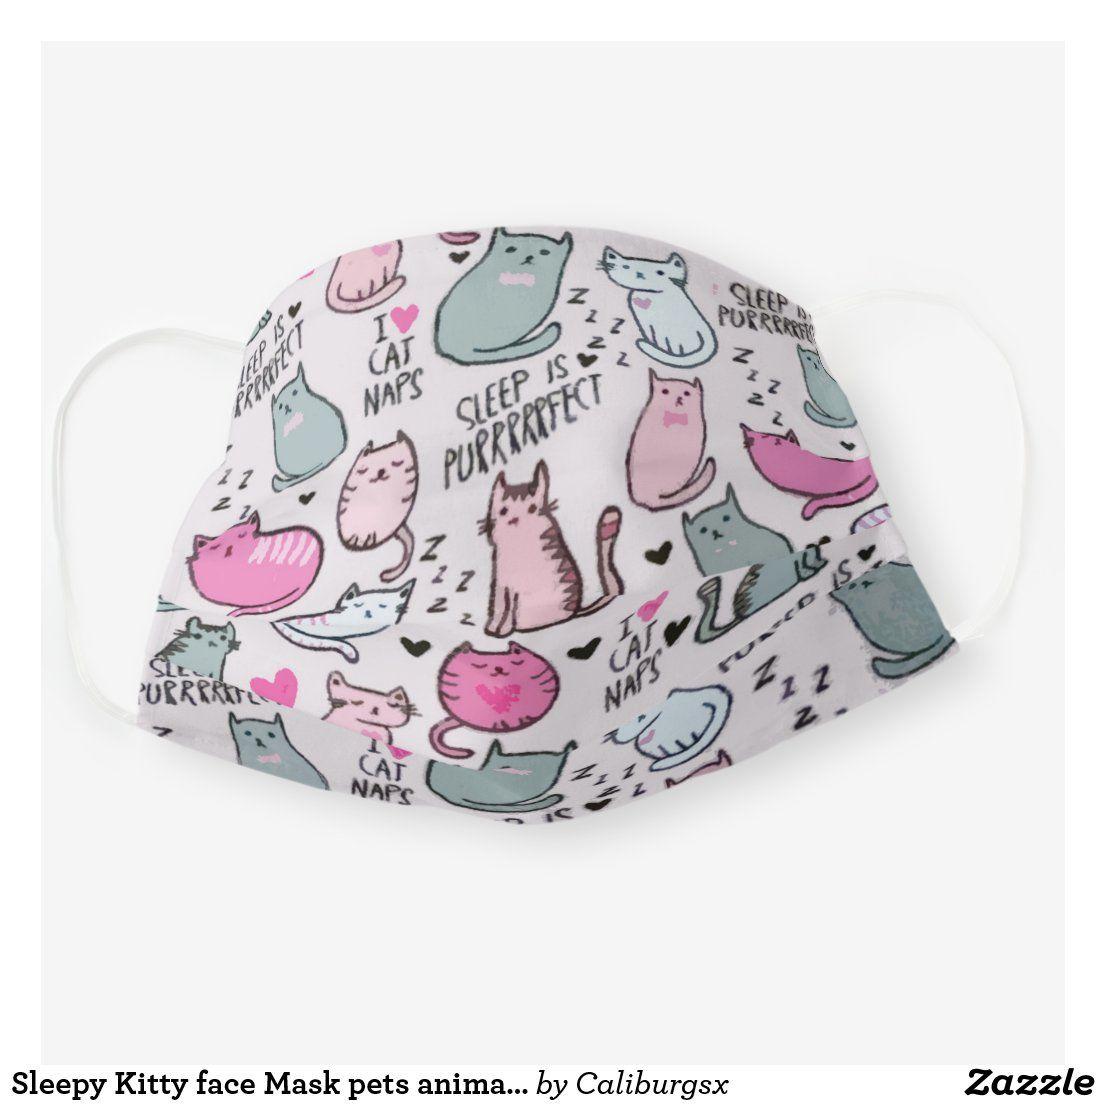 Sleepy Kitty face Mask pets animals kitty | Zazzle.com